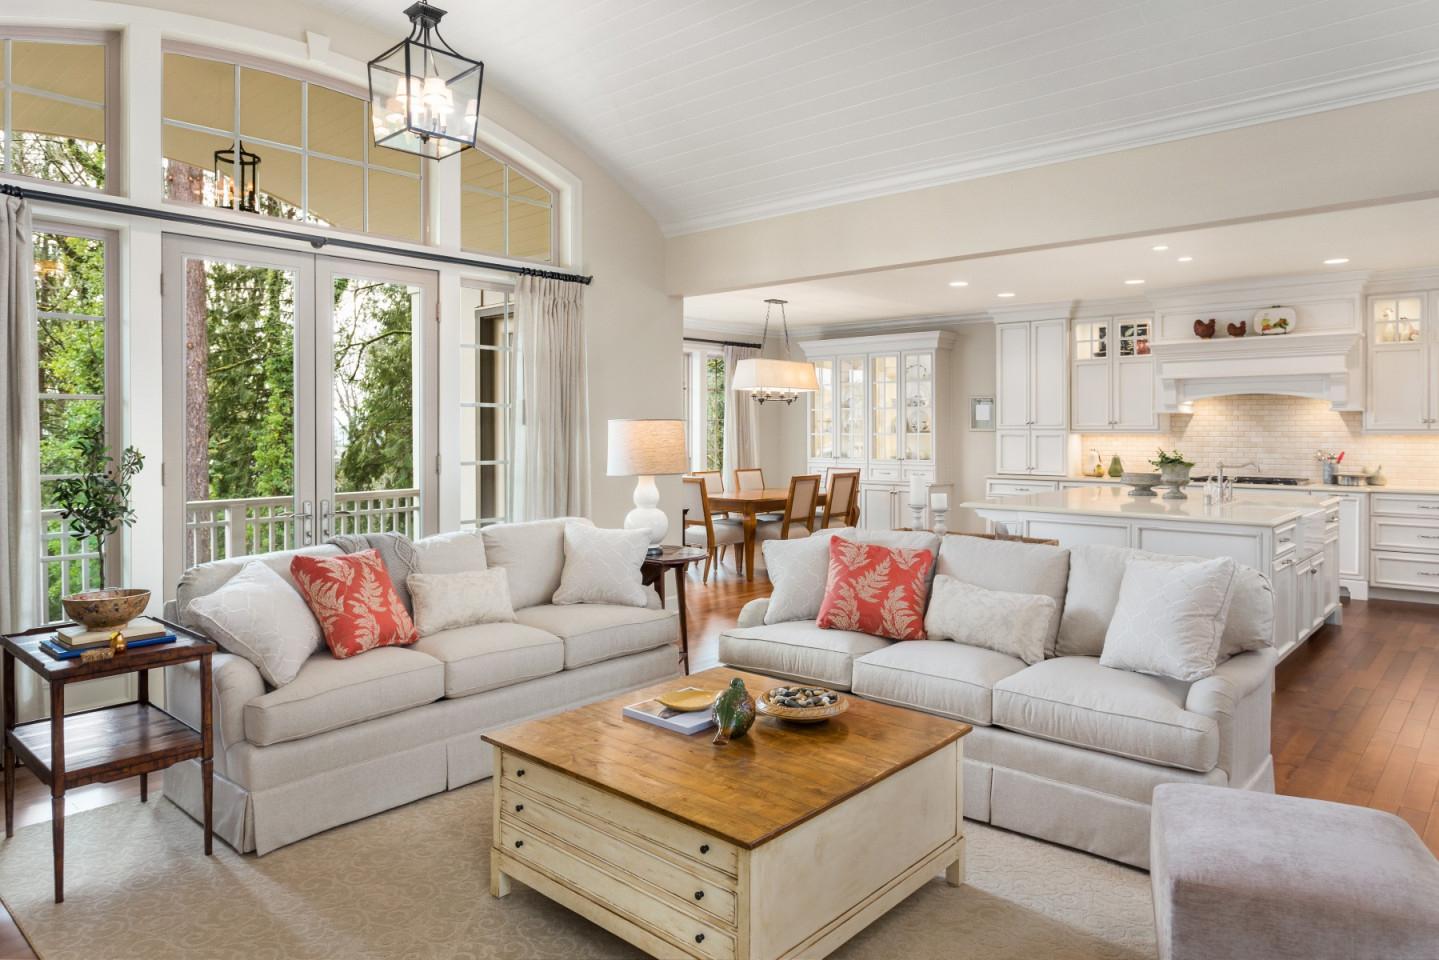 Die Schönsten Einrichtungsideen Für Dein Zuhause von Wohnzimmer Schön Einrichten Photo